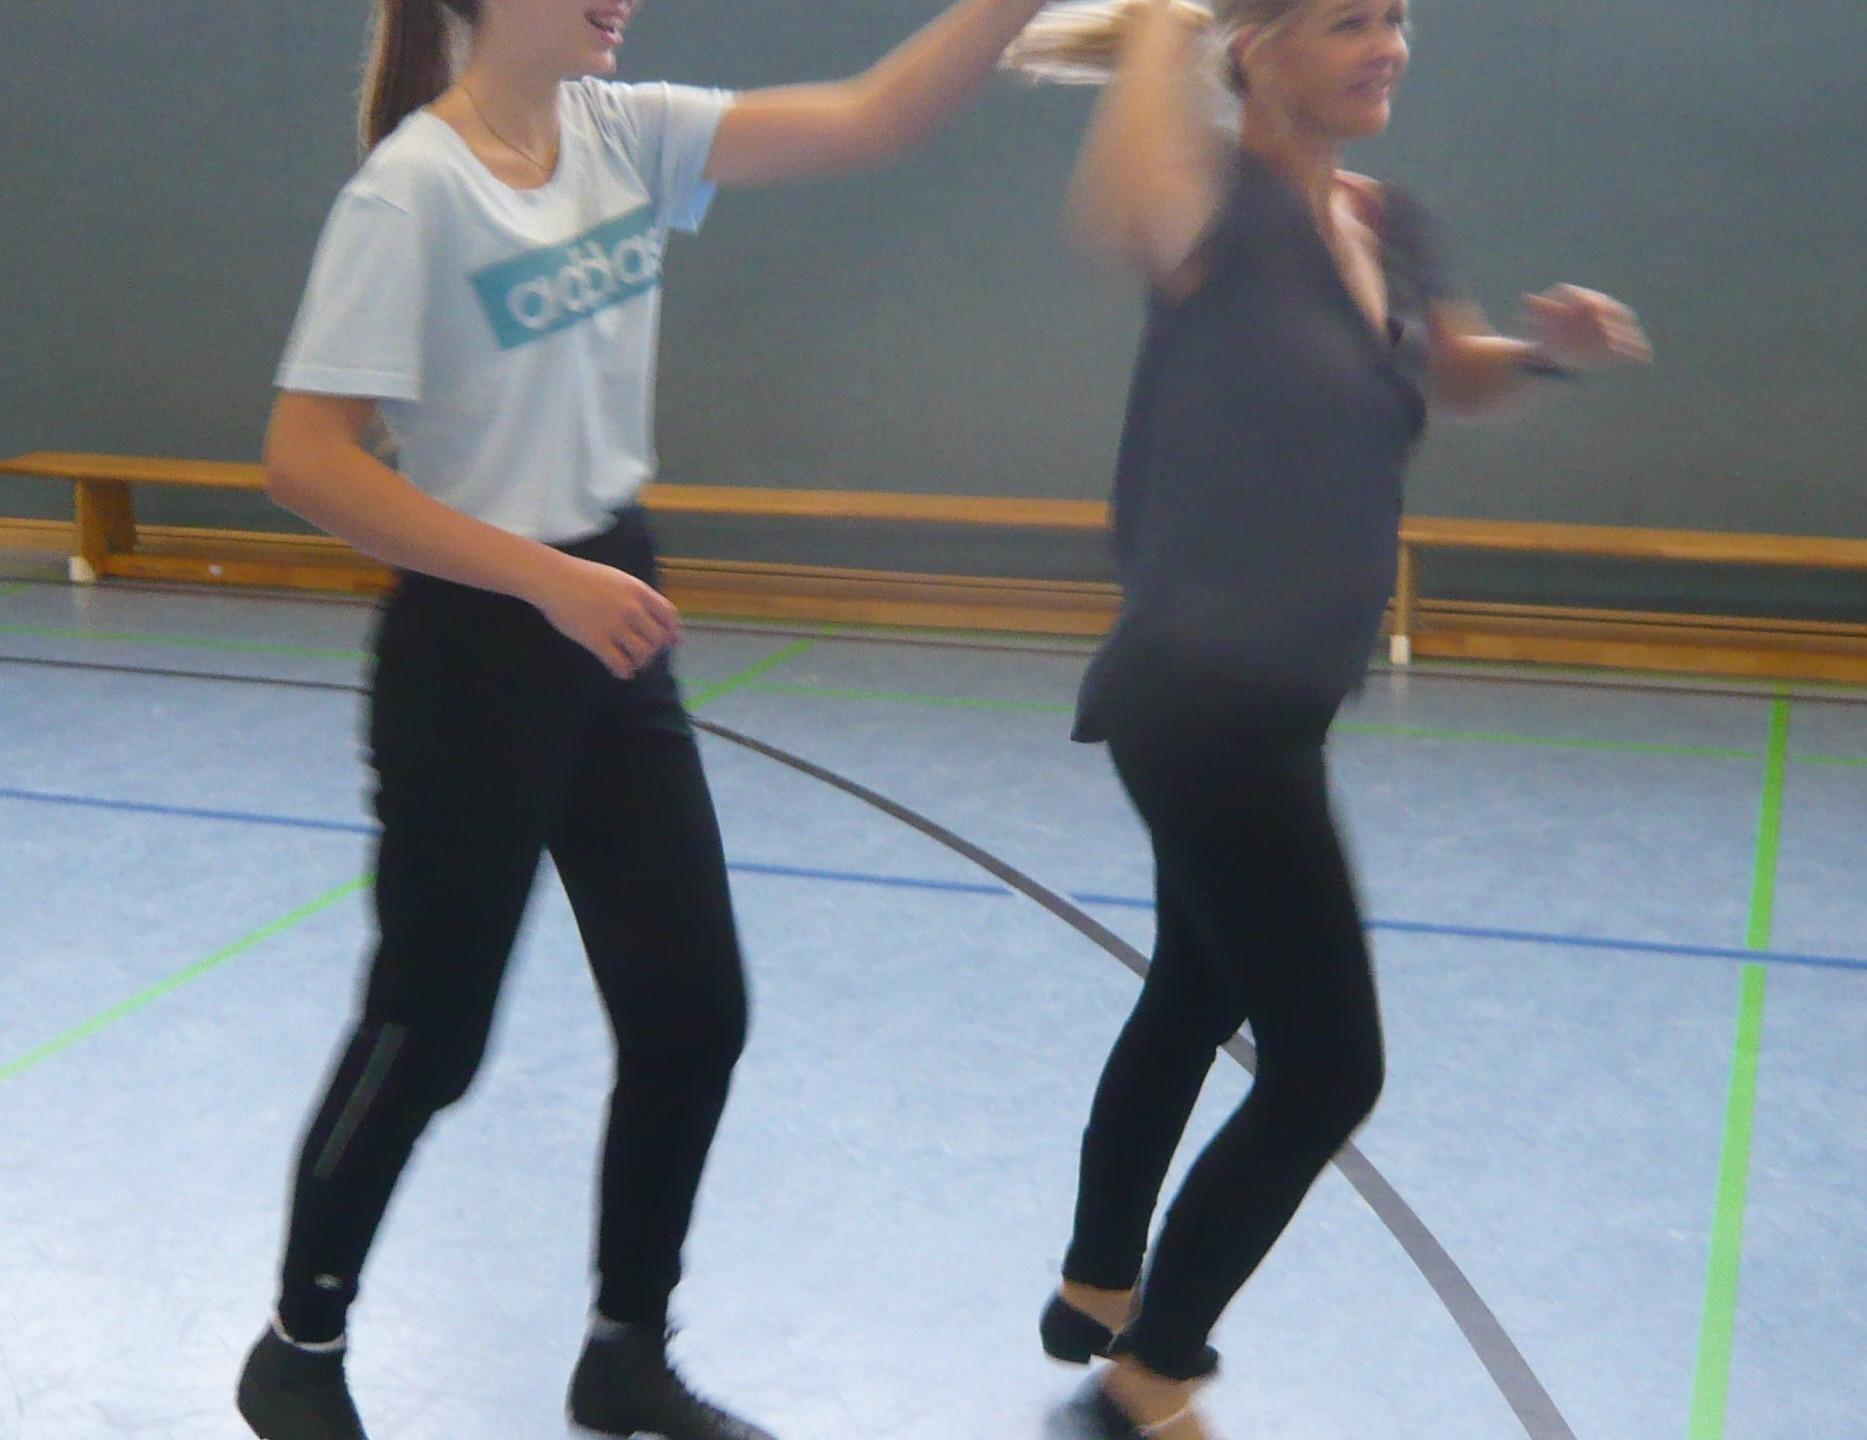 Spaß_beim_Salsa-Tanzen